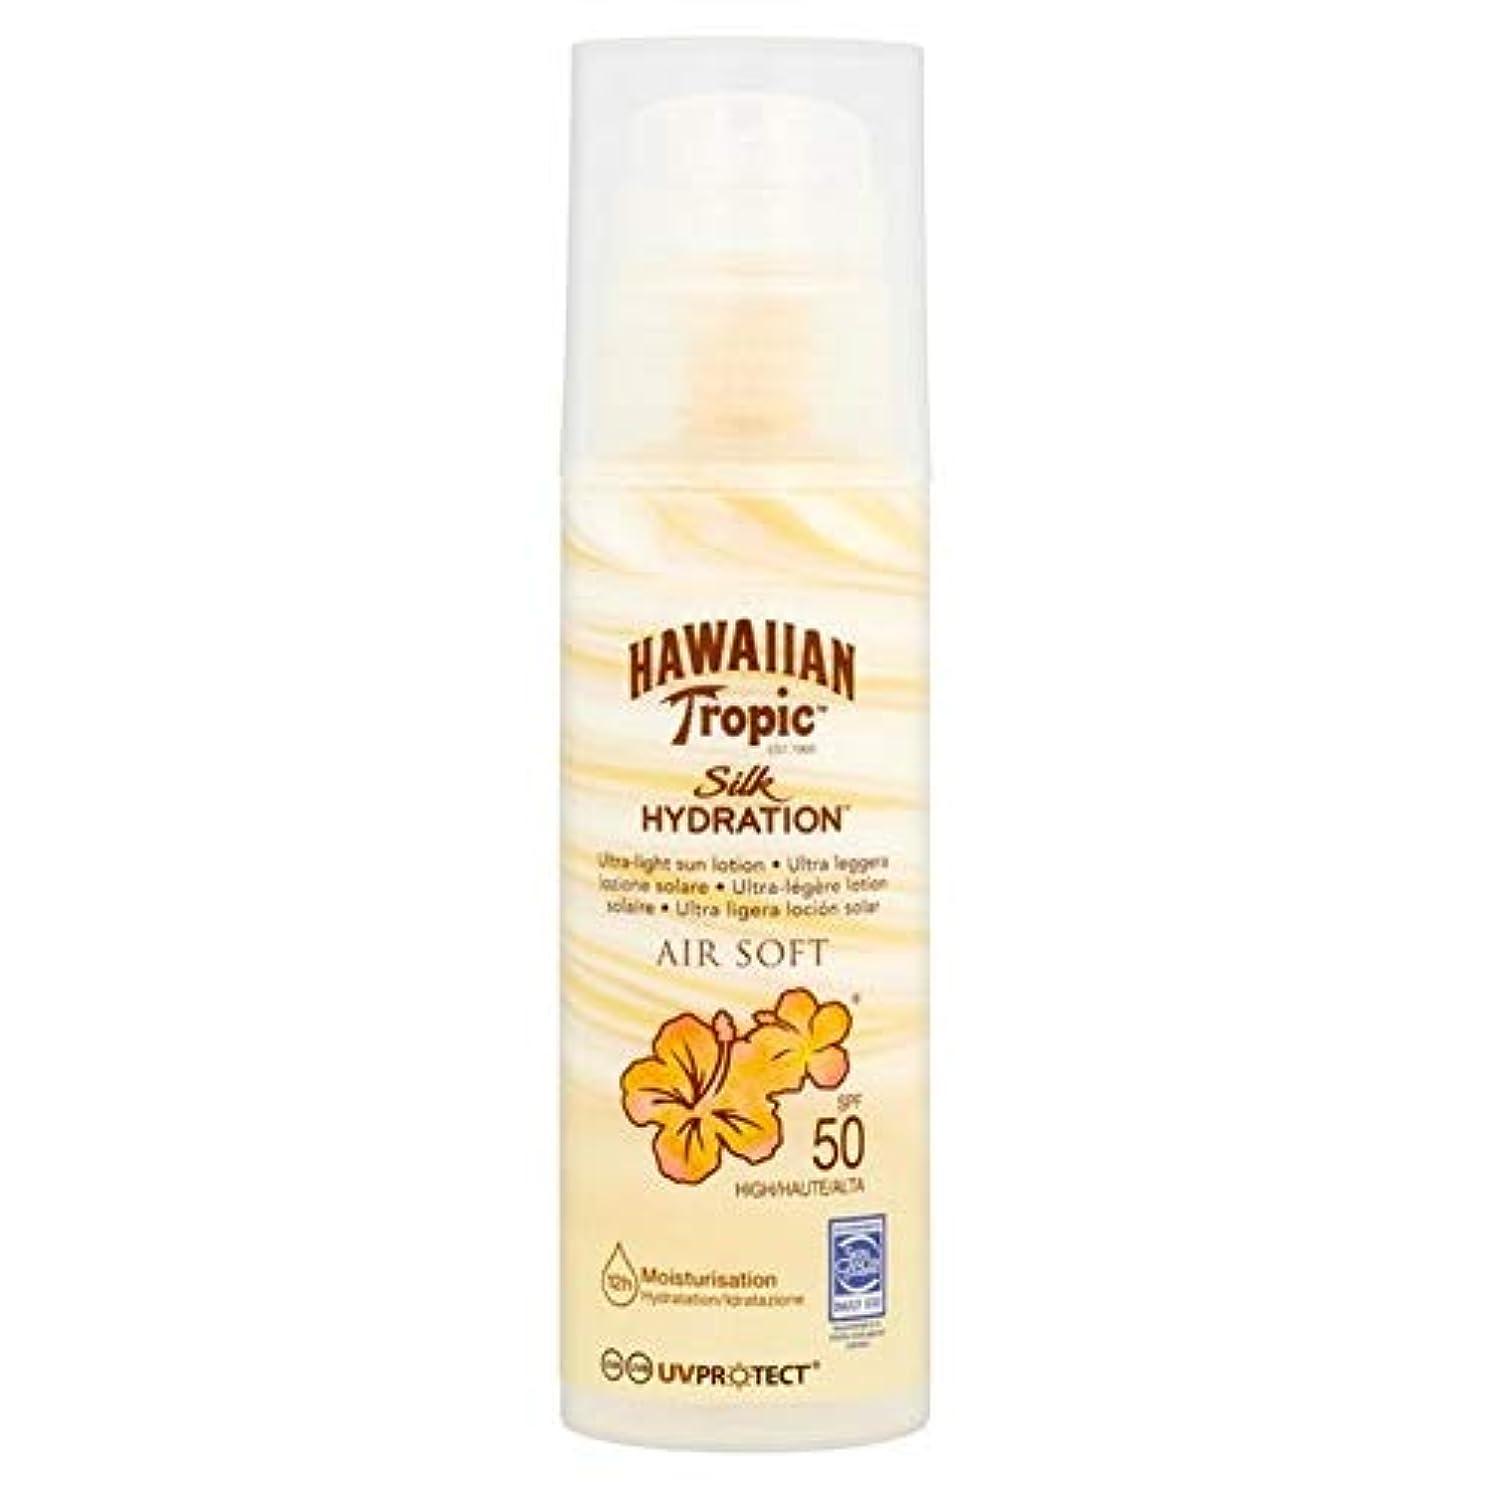 出席ダイエット議会[Hawaiian Tropic ] 日焼け止めクリームのSpf 50 150ミリリットルエアガン南国ハワイの絹の水和 - Hawaiian Tropic Silk Hydration Airsoft Sun Cream...